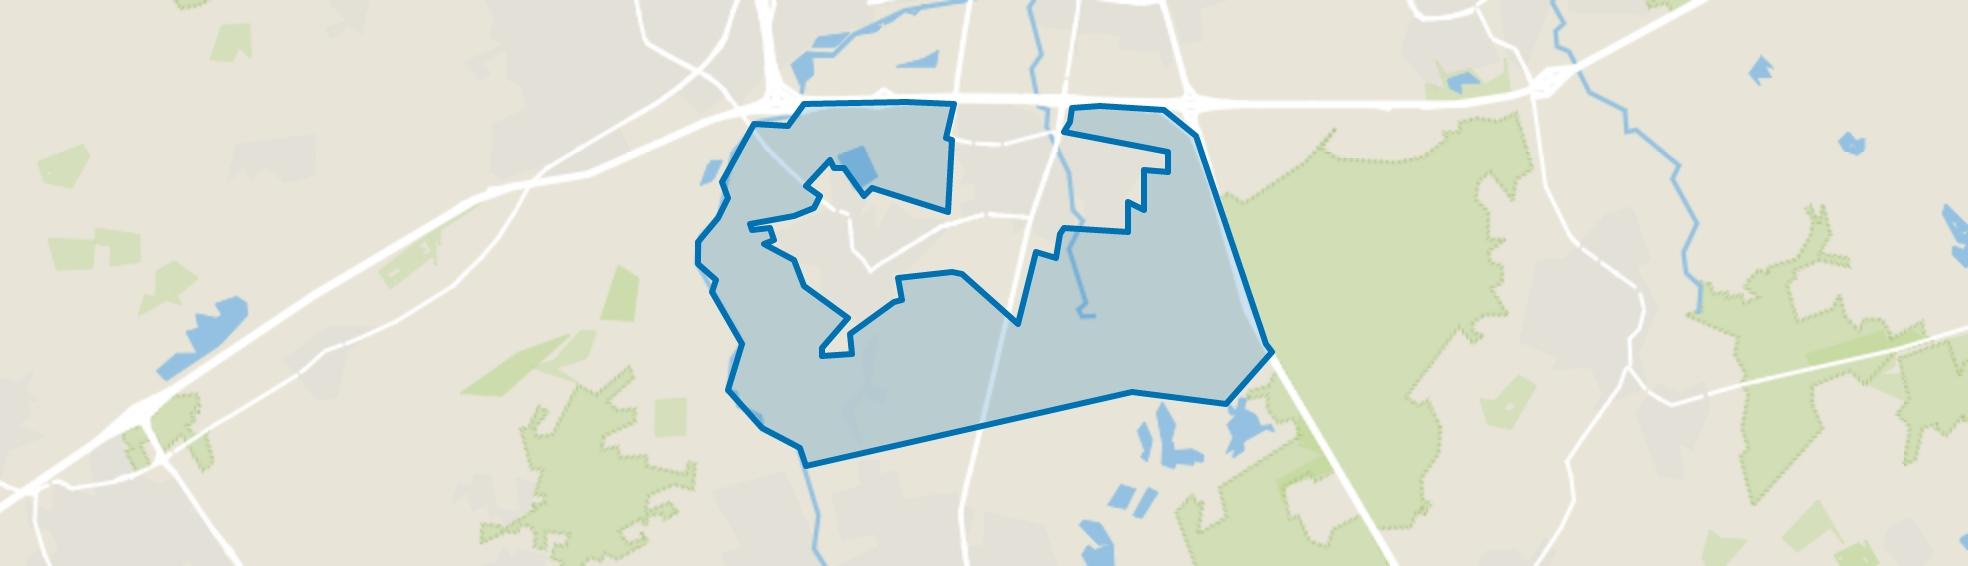 Verspreide huizen, Waalre map